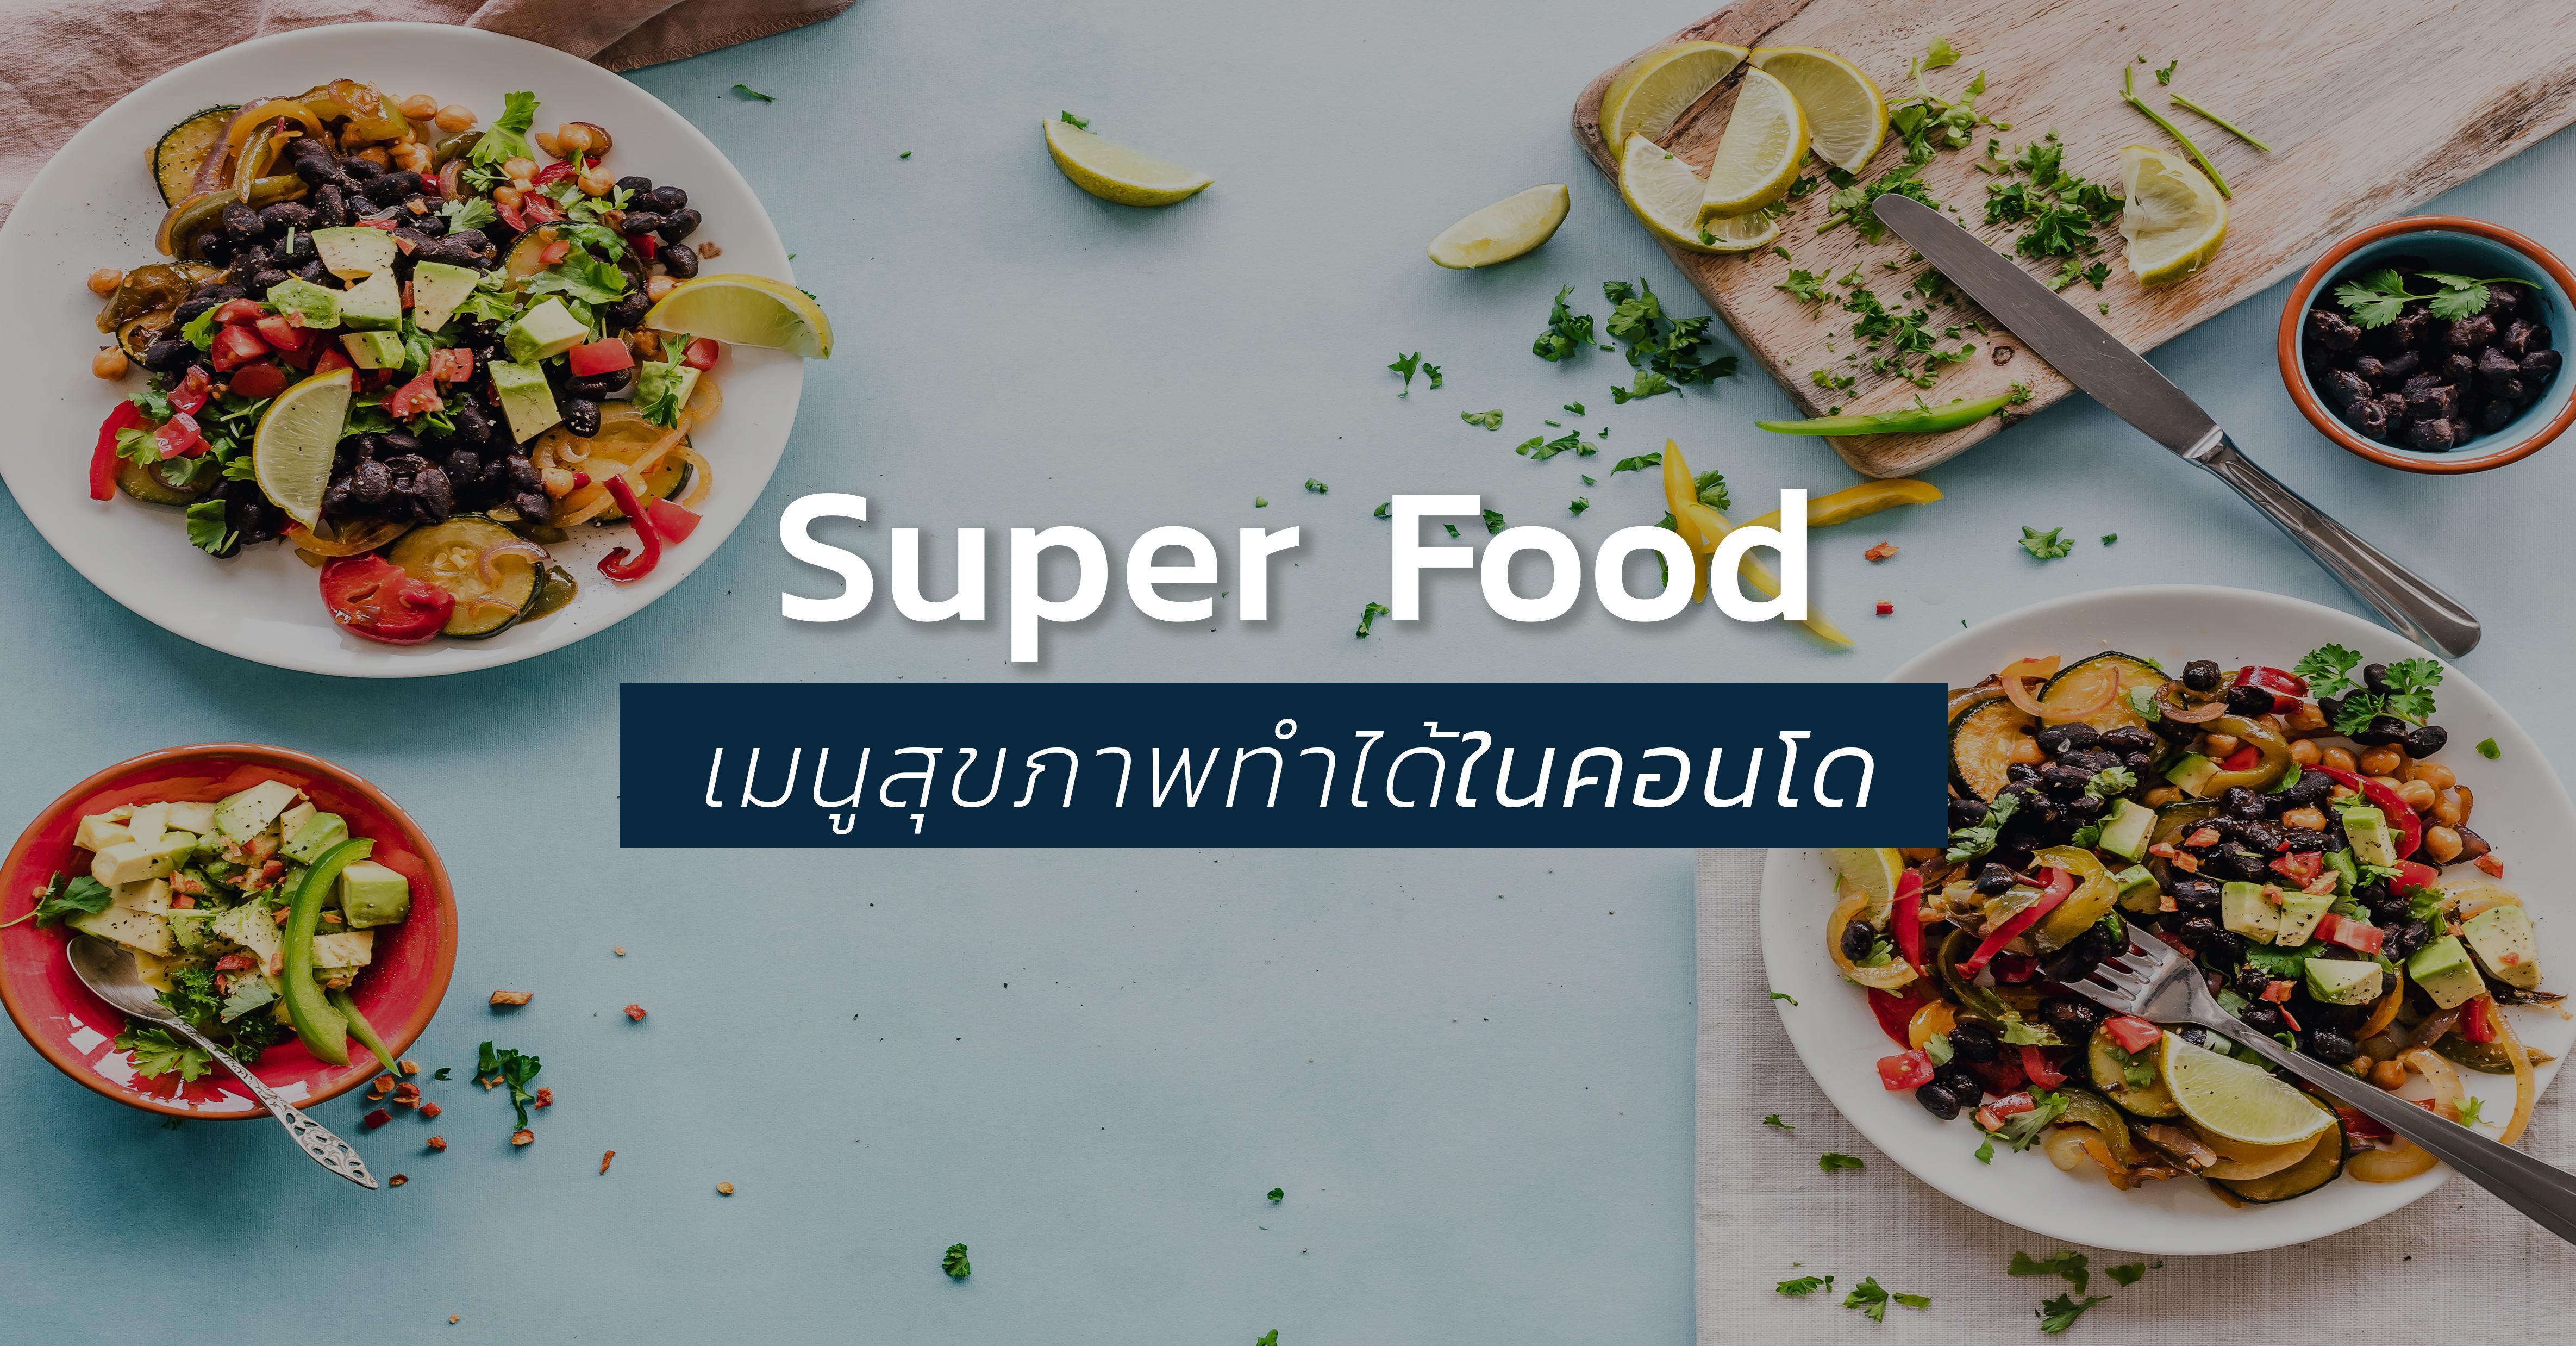 รูปบทความ สุขภาพดีให้สุดกับ Super food ที่ทำกินได้ในห้องคอนโด